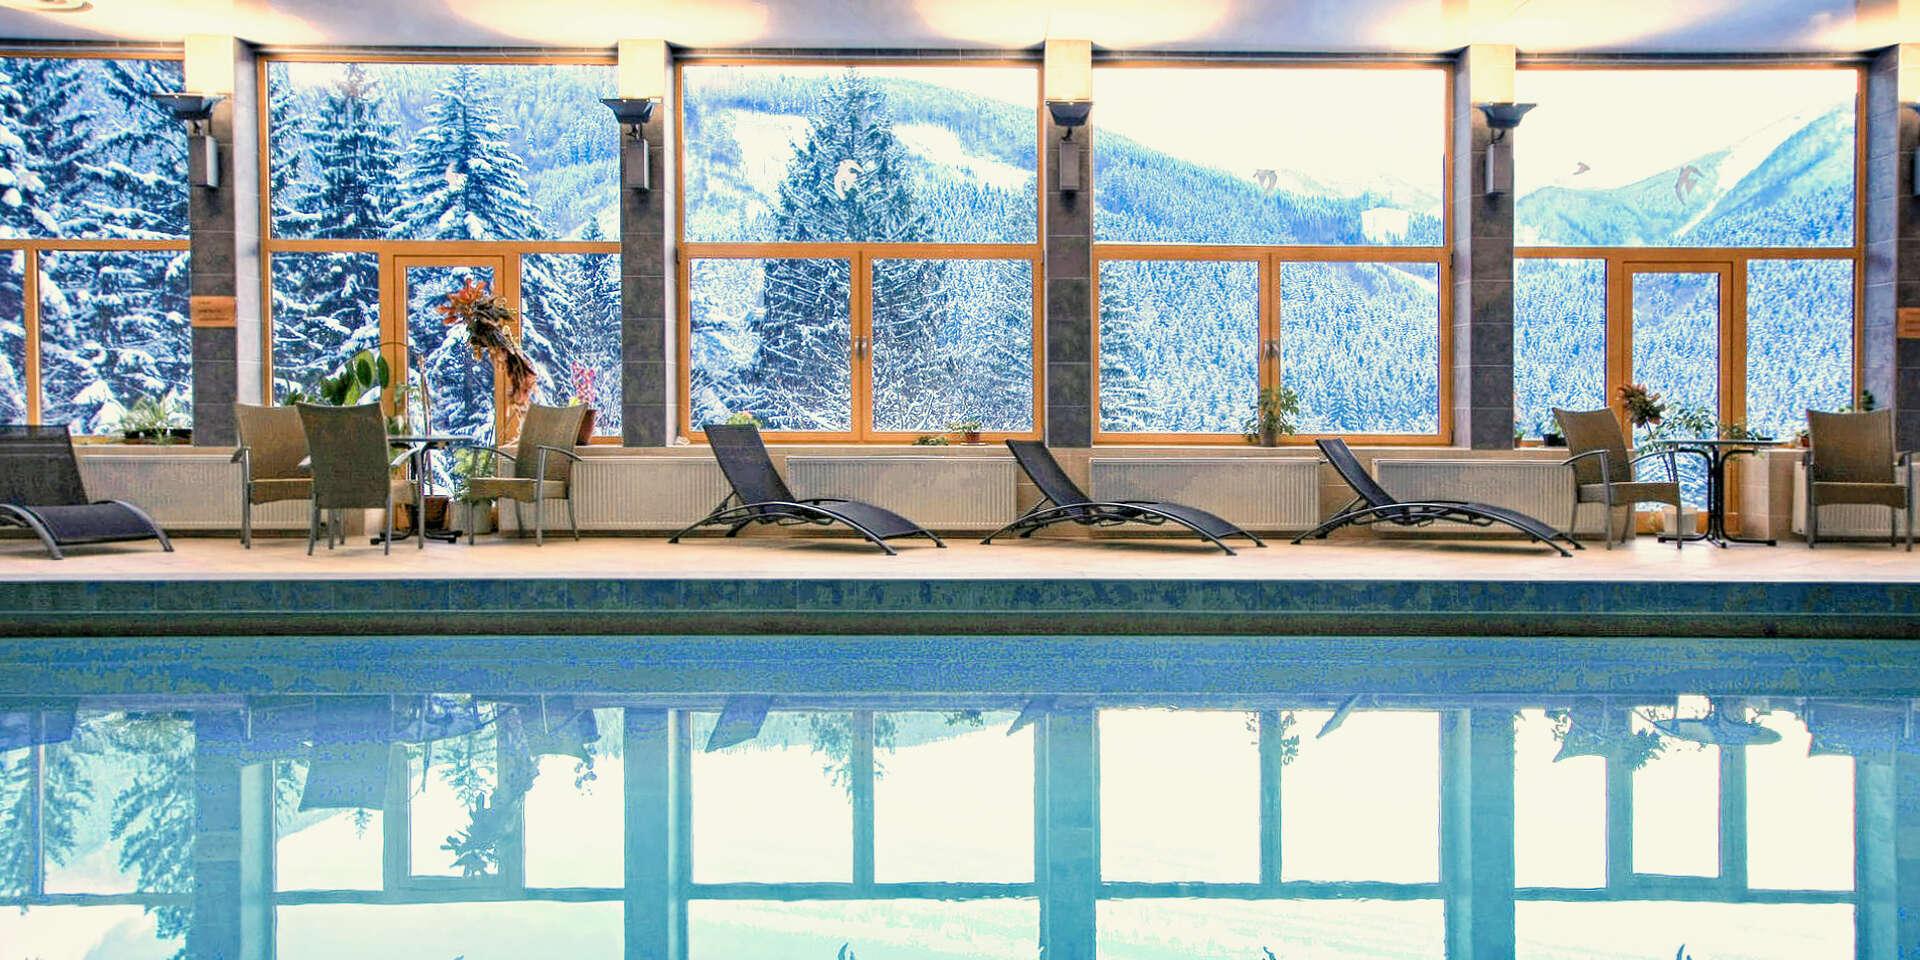 ŠPECIÁLNA NARODENINOVÁ PONUKA: Zima a jarné prázdniny v rodinnom hoteli Boboty*** vo Vrátnej doline s wellness